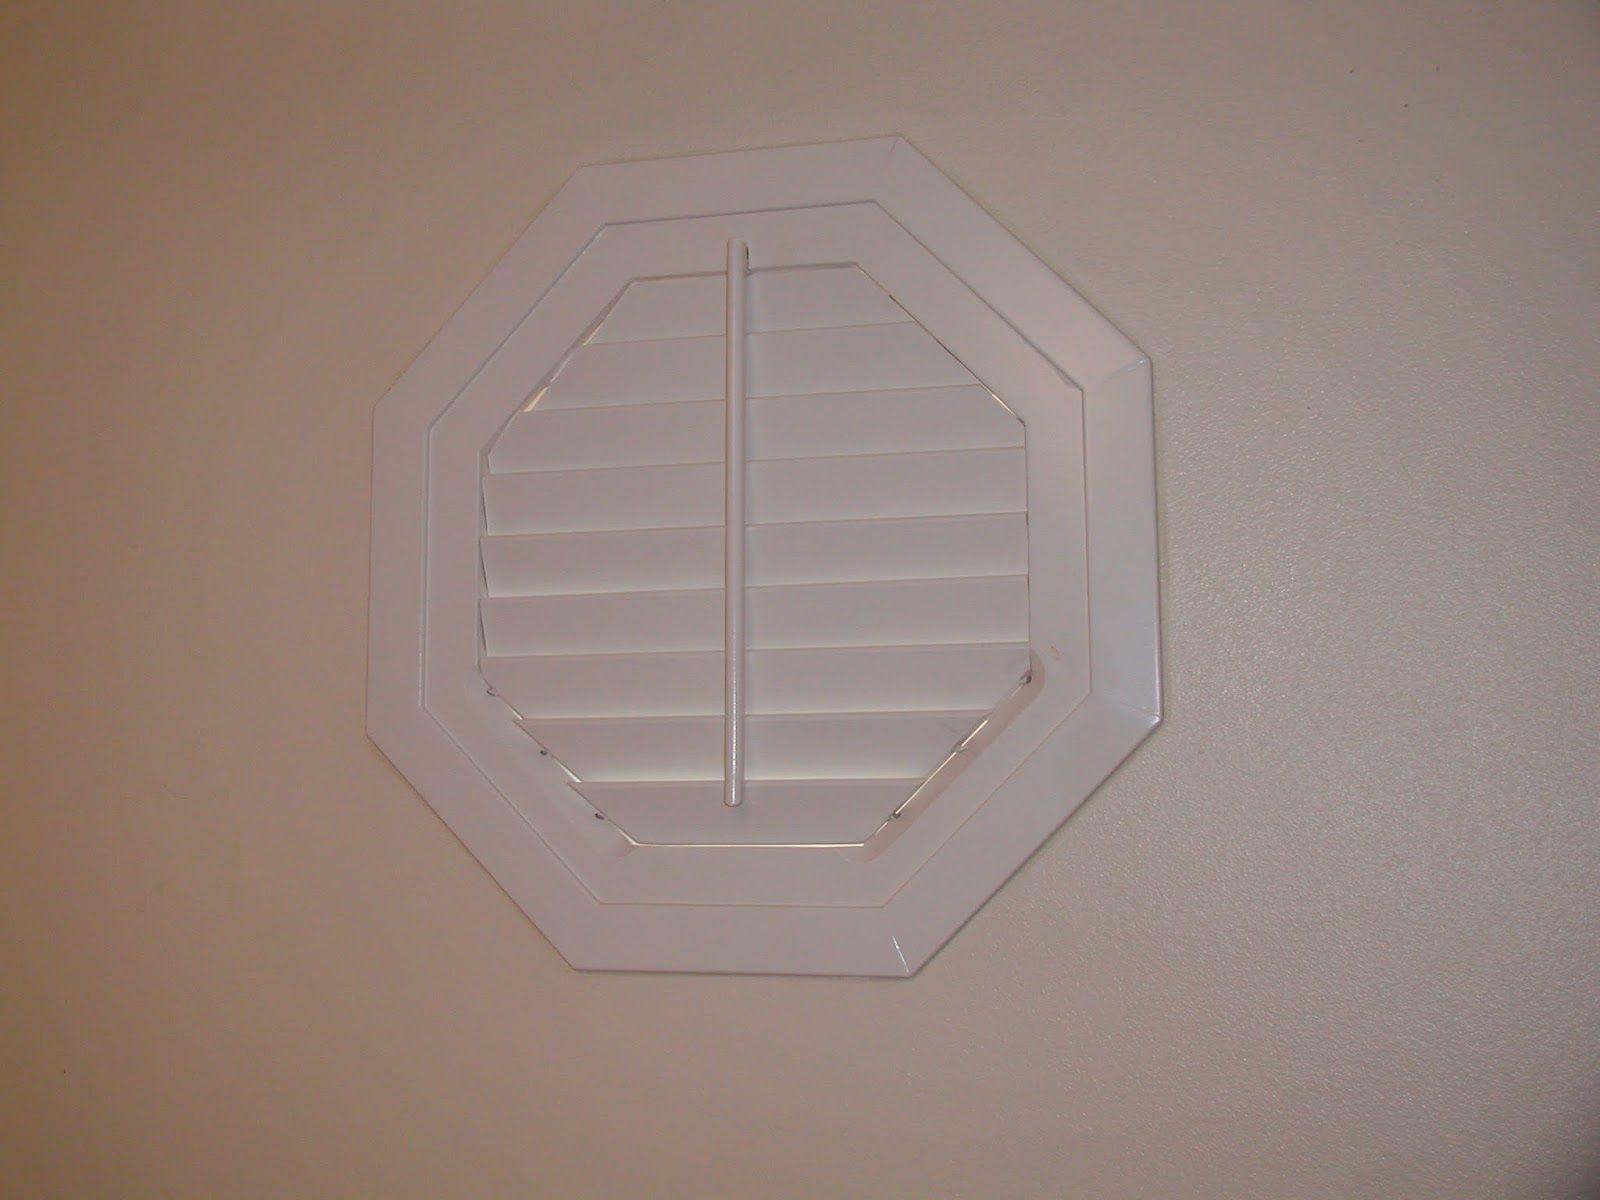 Gallery Shutters, Window coverings, Octagon window